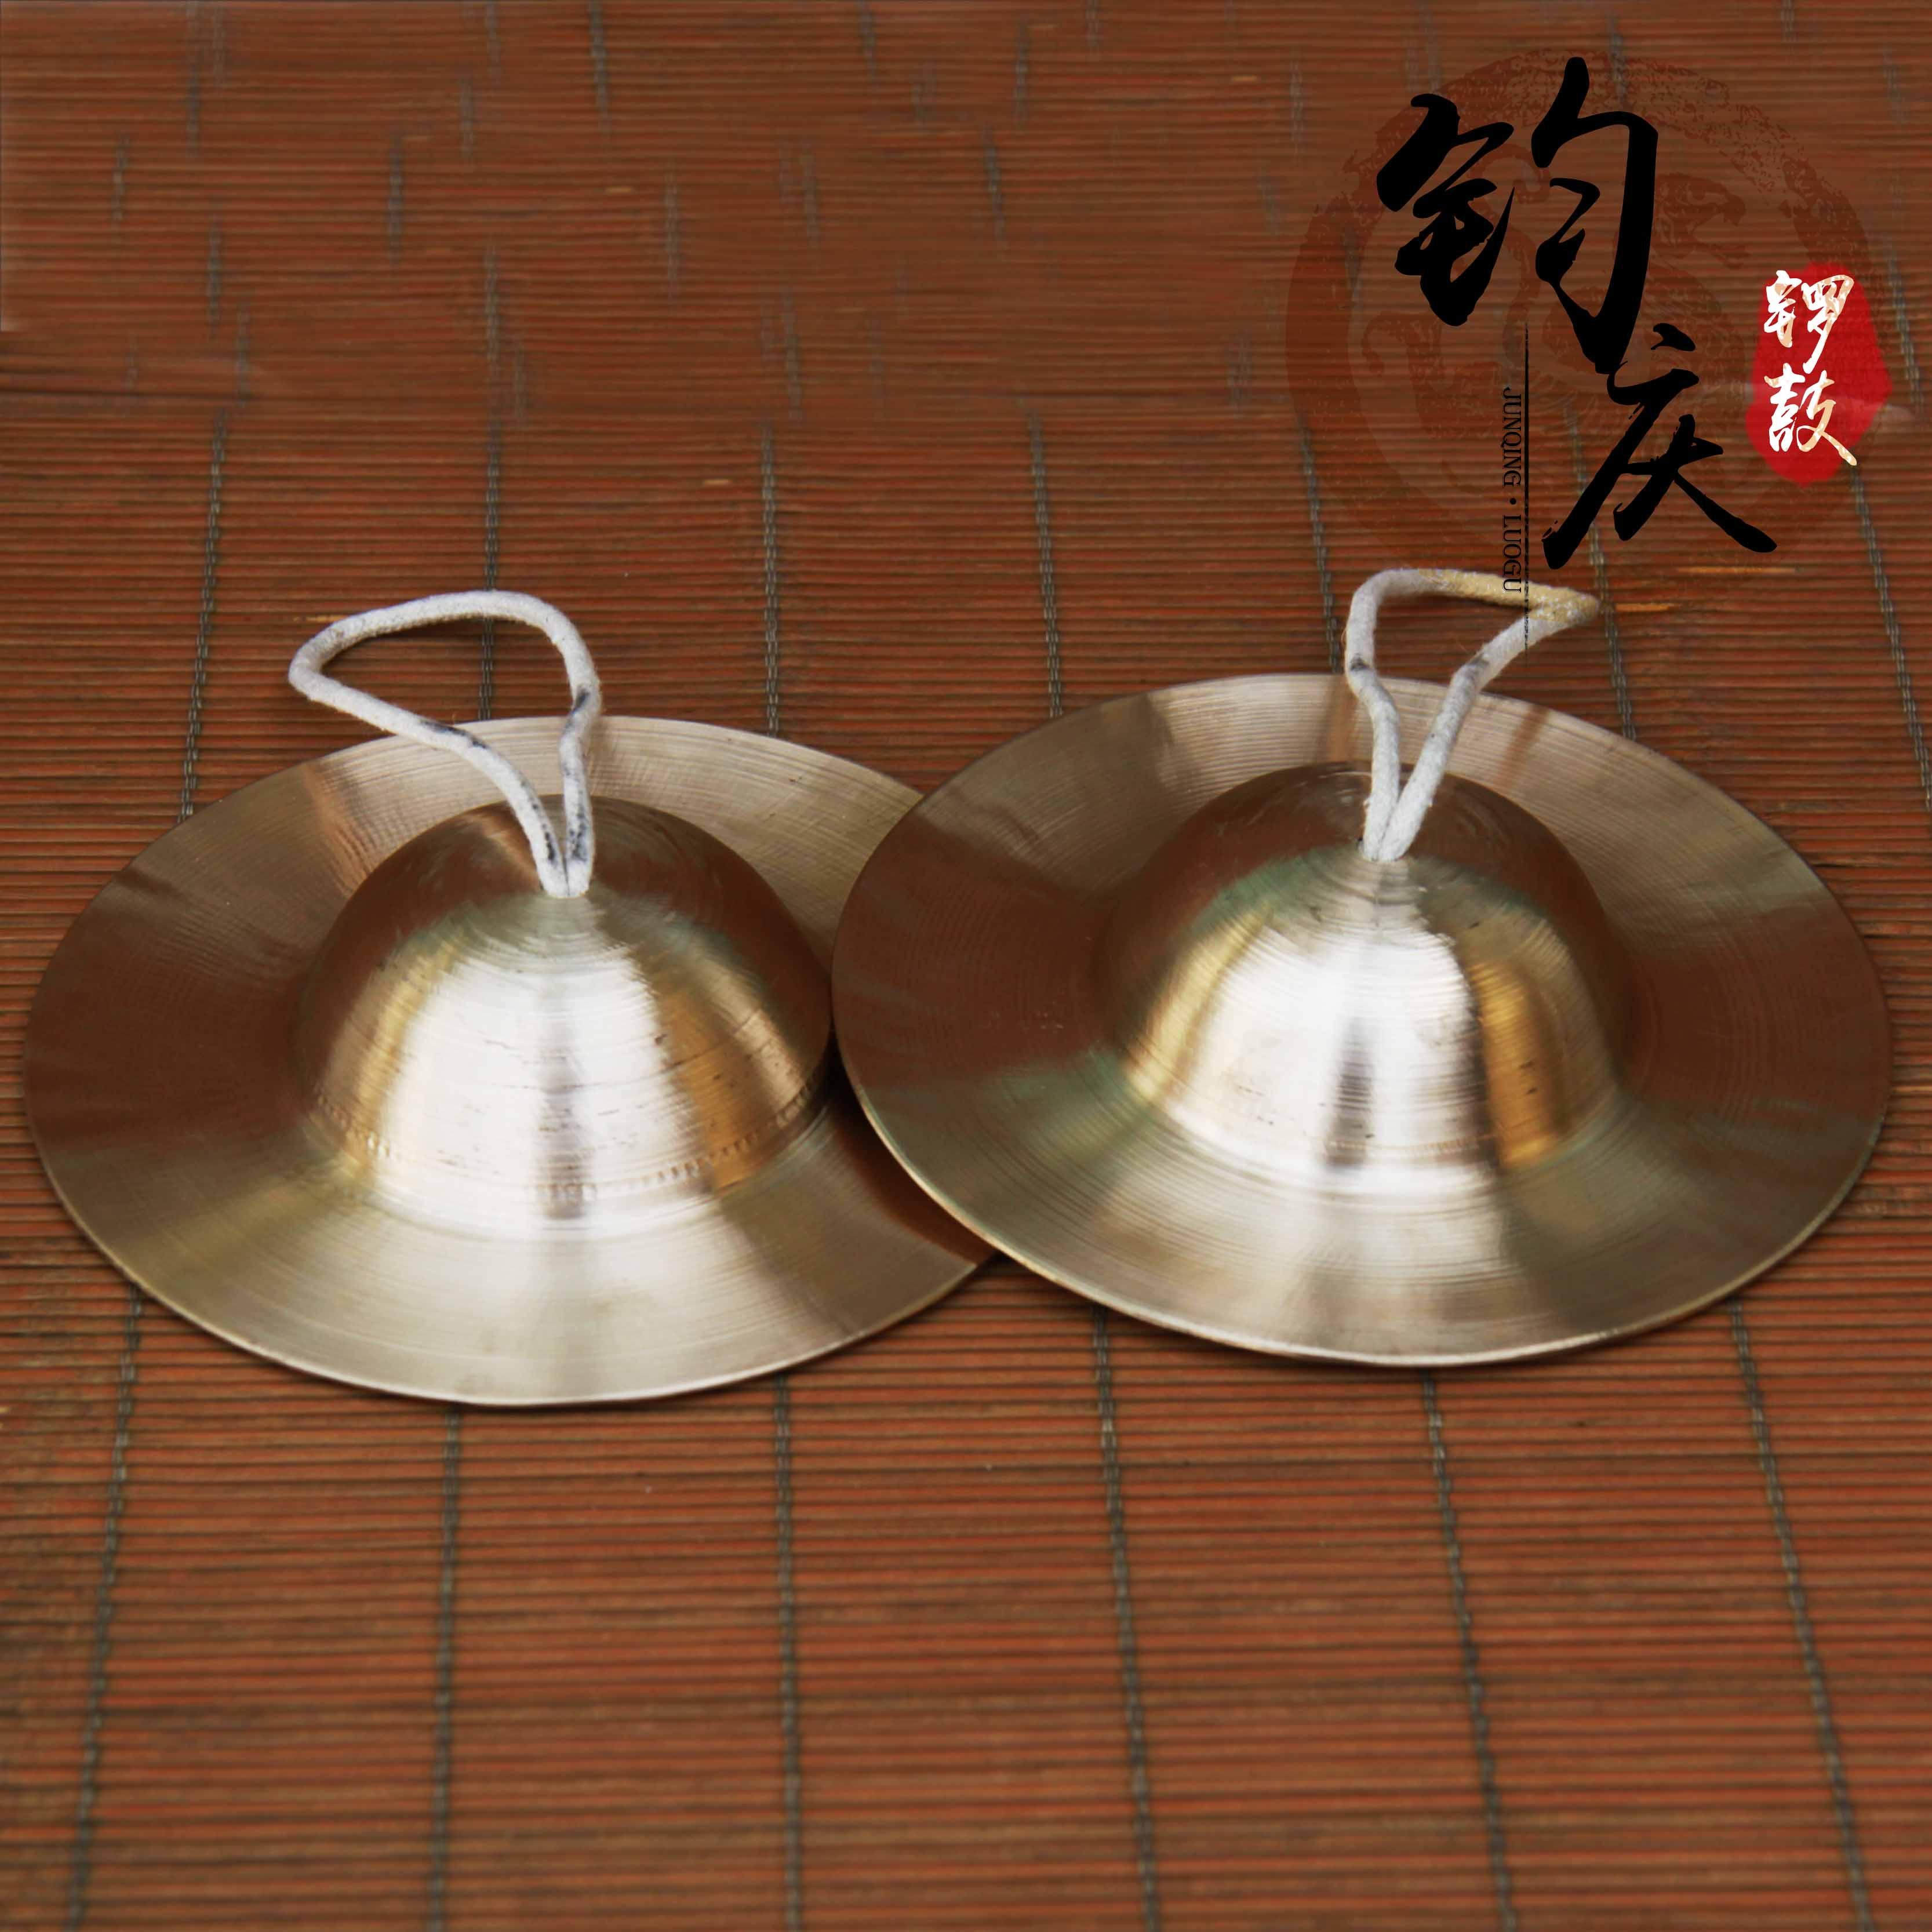 Гонг барабан пекин тарелки кольцо медь небольшой пекин 镲 15 Крупные пекин Тарелки 19см небольшой медь тарелки медь Привет-шляпа тарелки